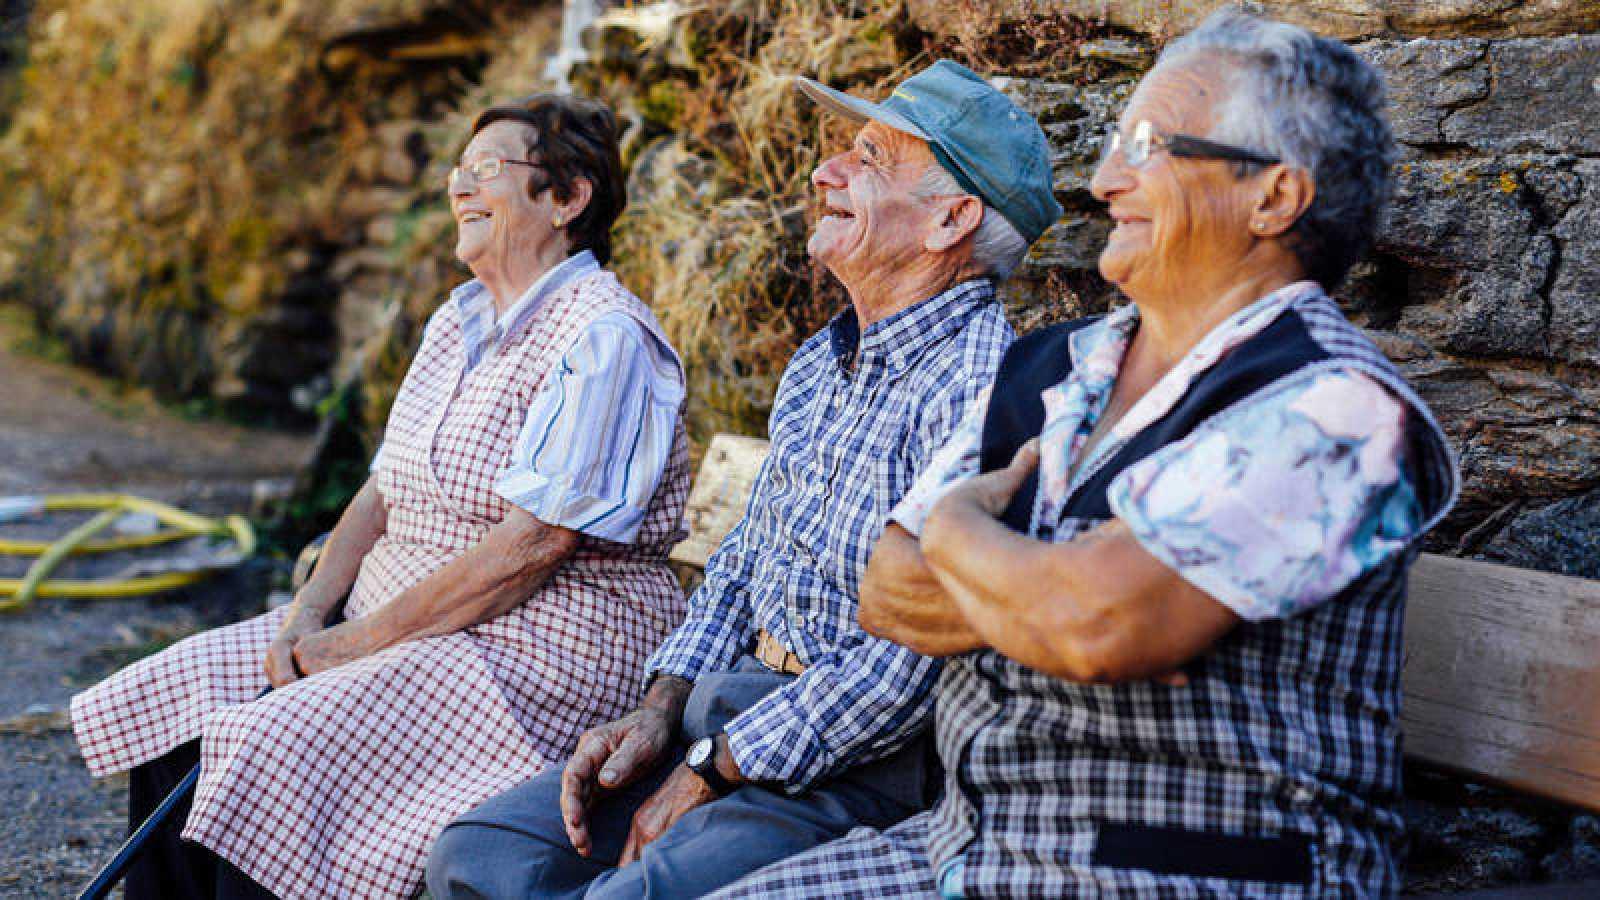 Tres jubilados gallegos en un banco